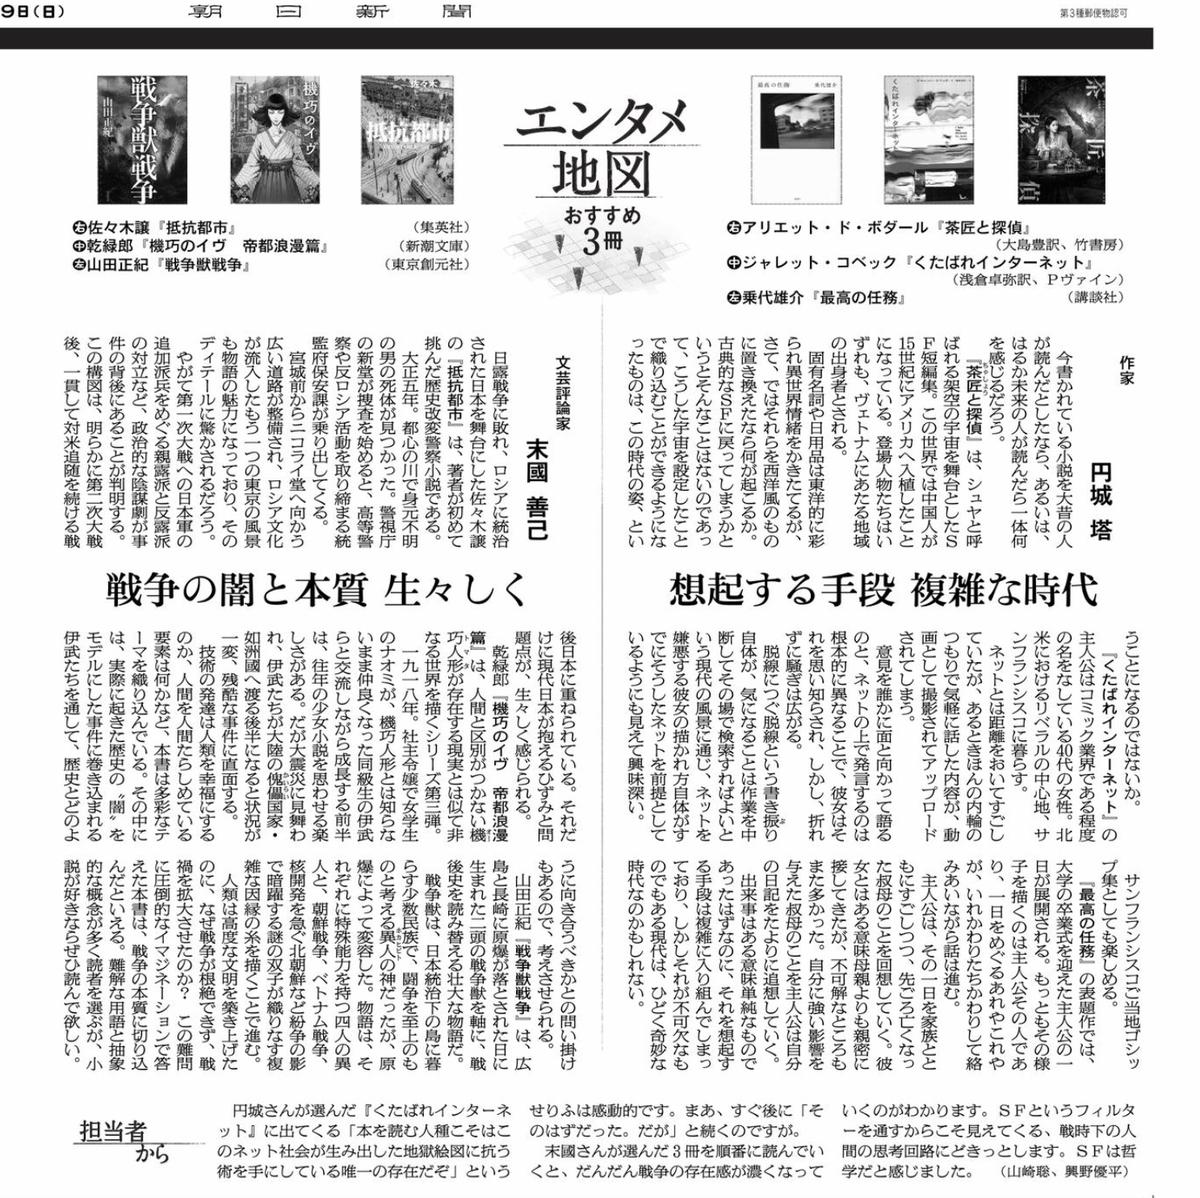 f:id:yujiro-1:20200211061437j:plain